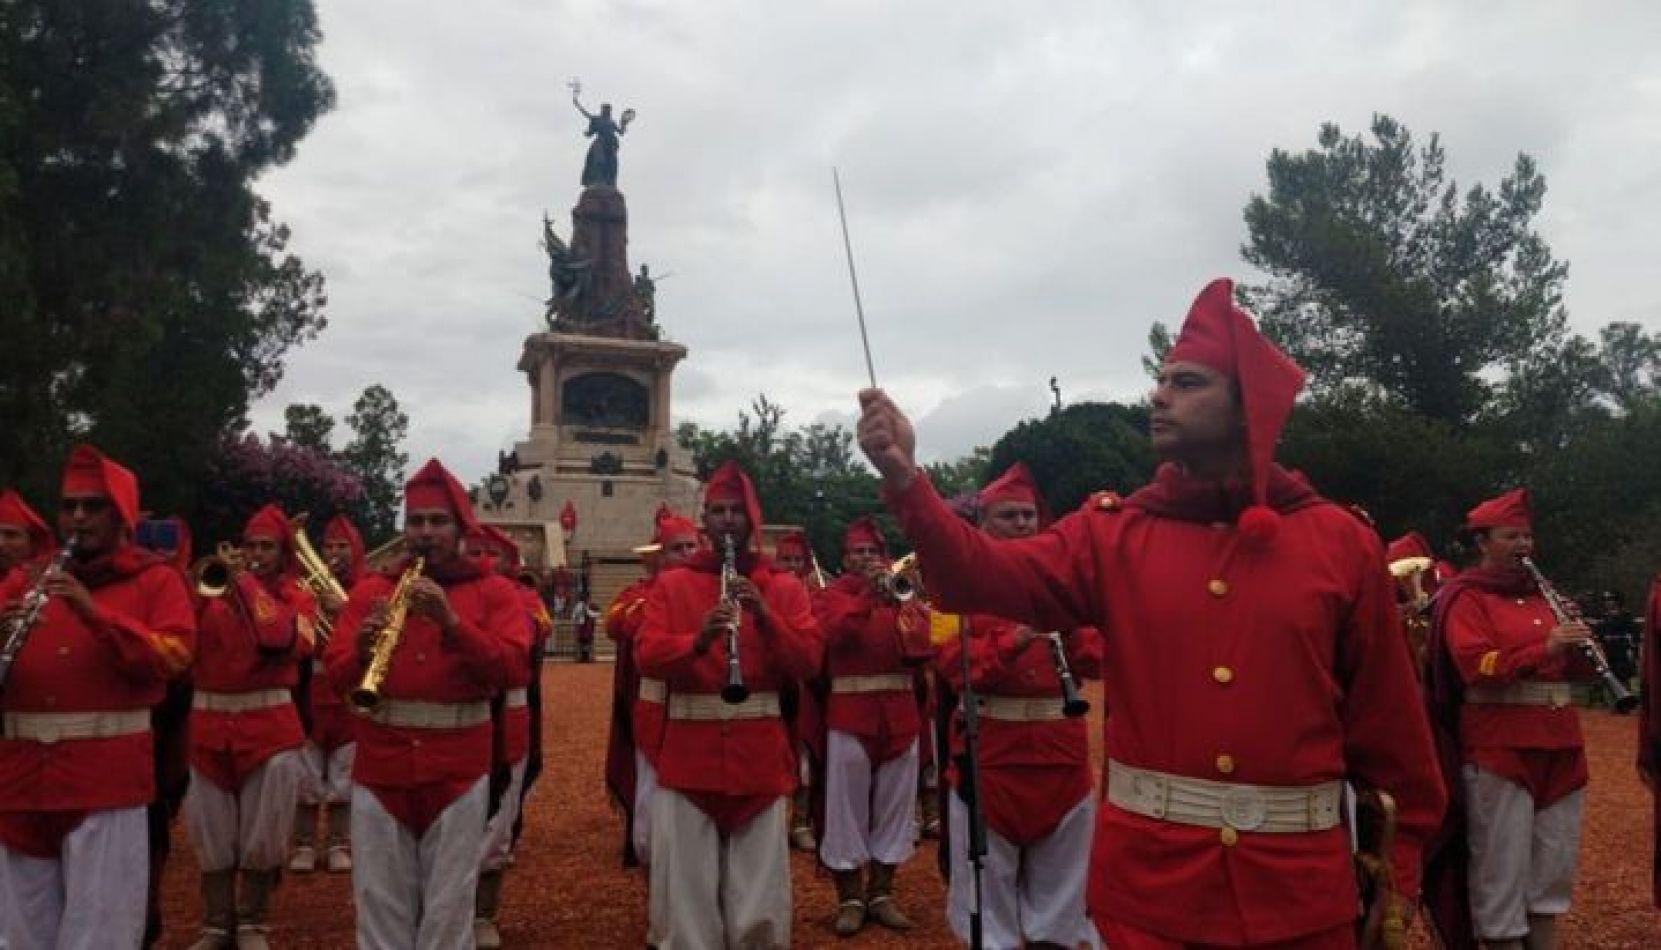 VIDEO. Comenzaron los actos por el 207° aniversario de la Batalla de Salta